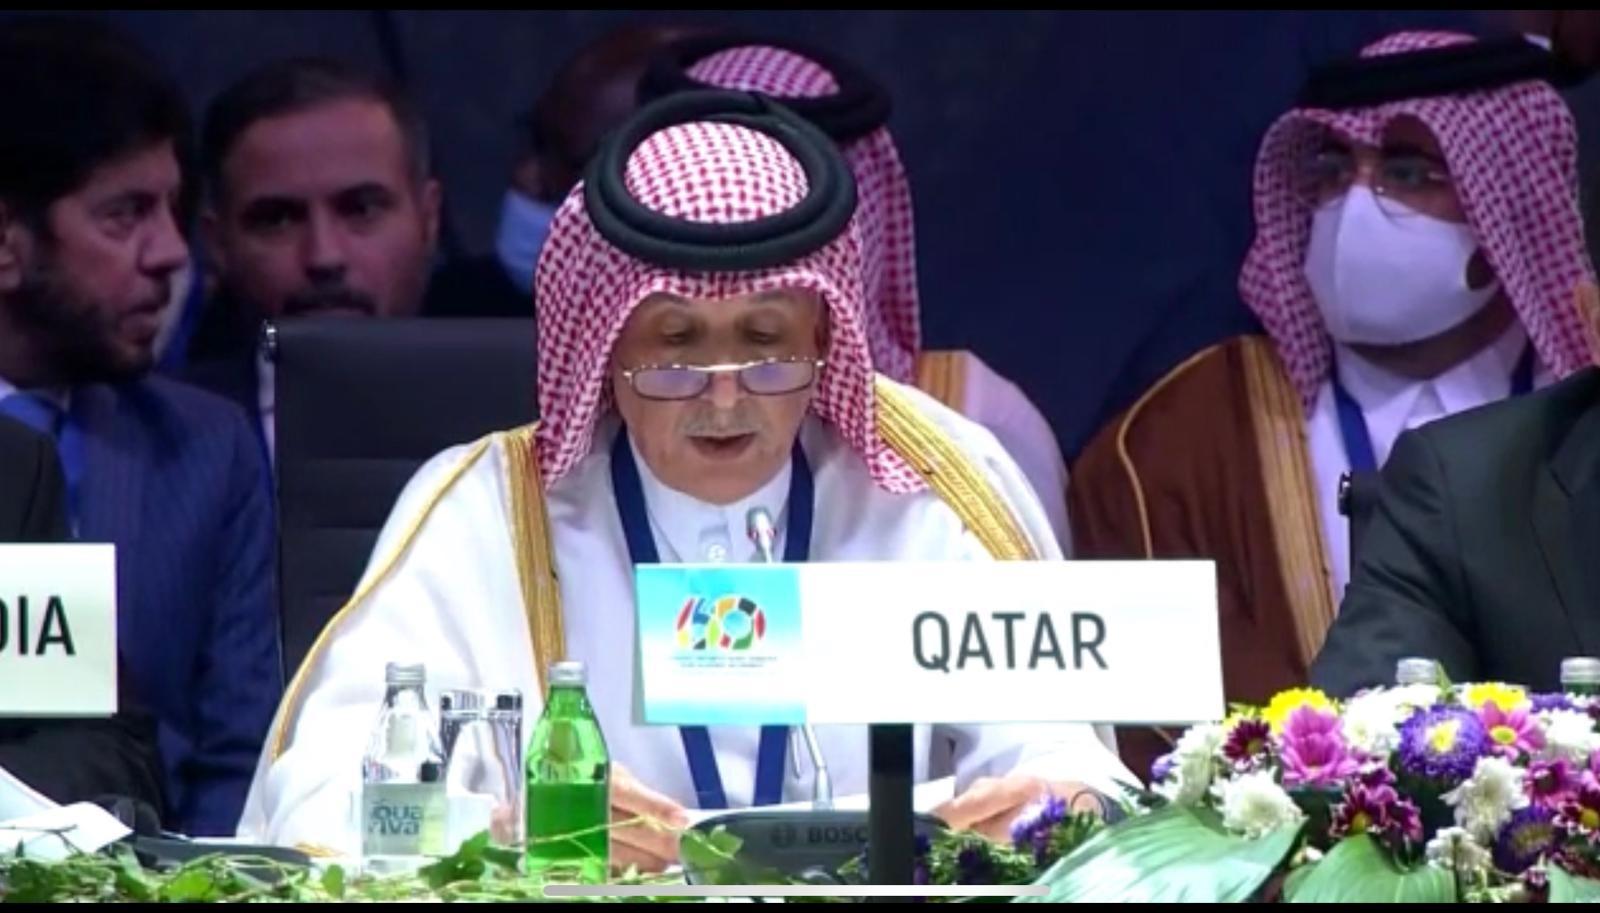 قطر تؤكد حرصها على أن تكون عضوا فاعلا في حركة عدم الانحياز